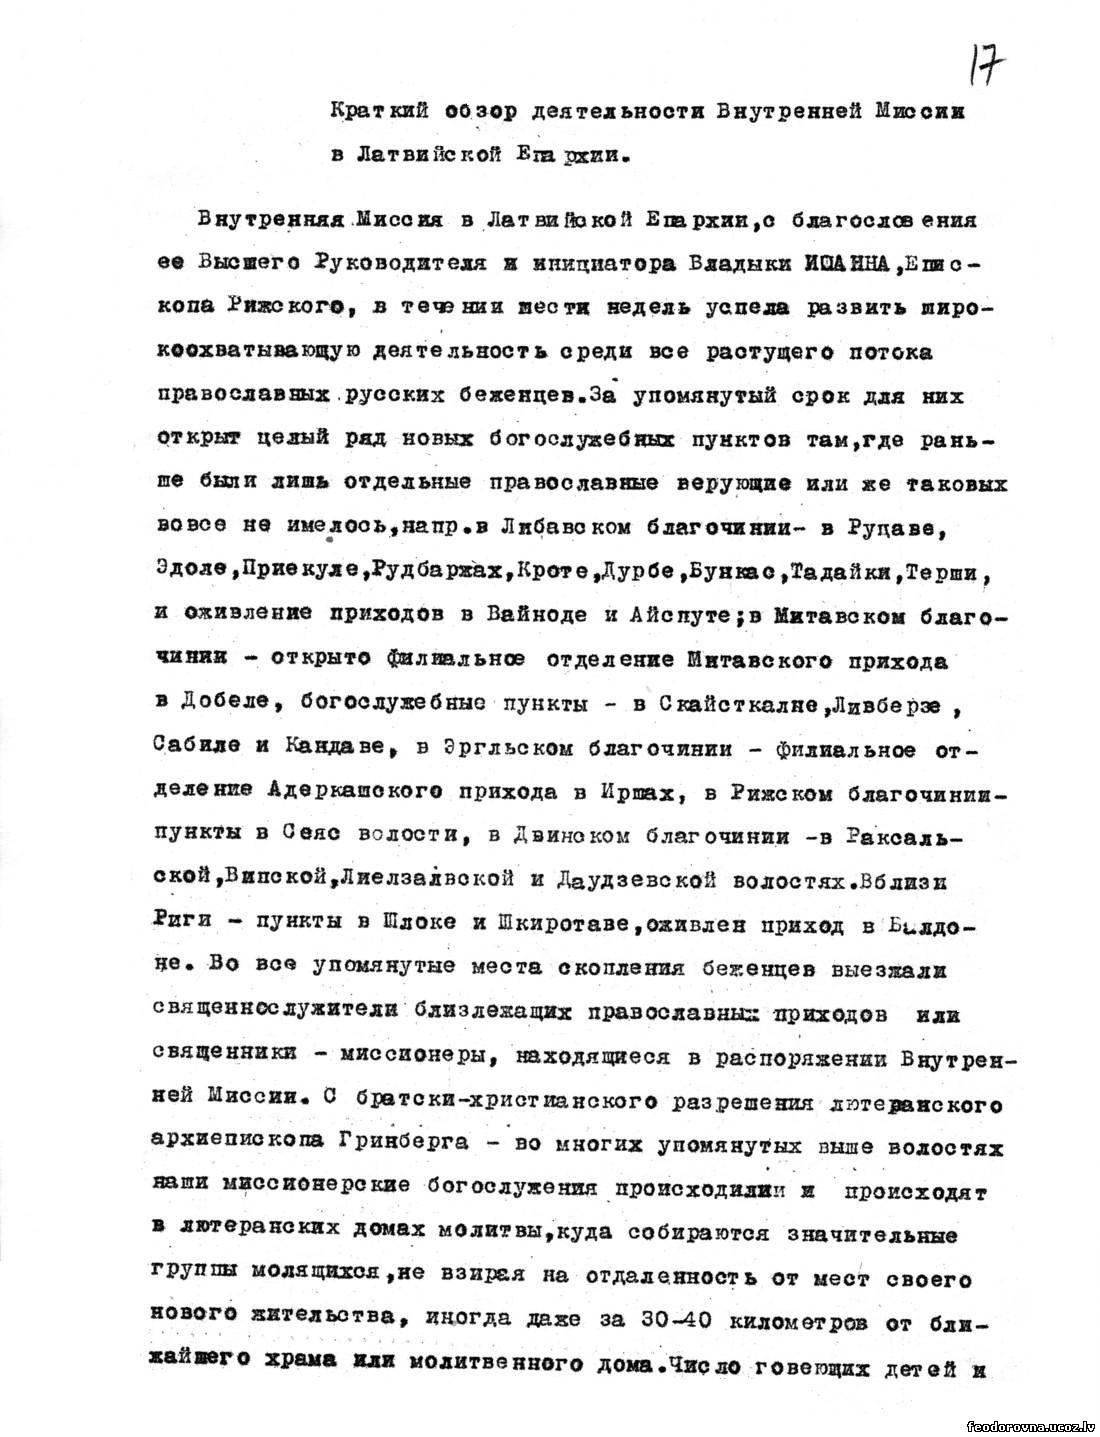 Краткий обзор деятельности Внутренней Миссии в Латвийской Епархии. Лист 1